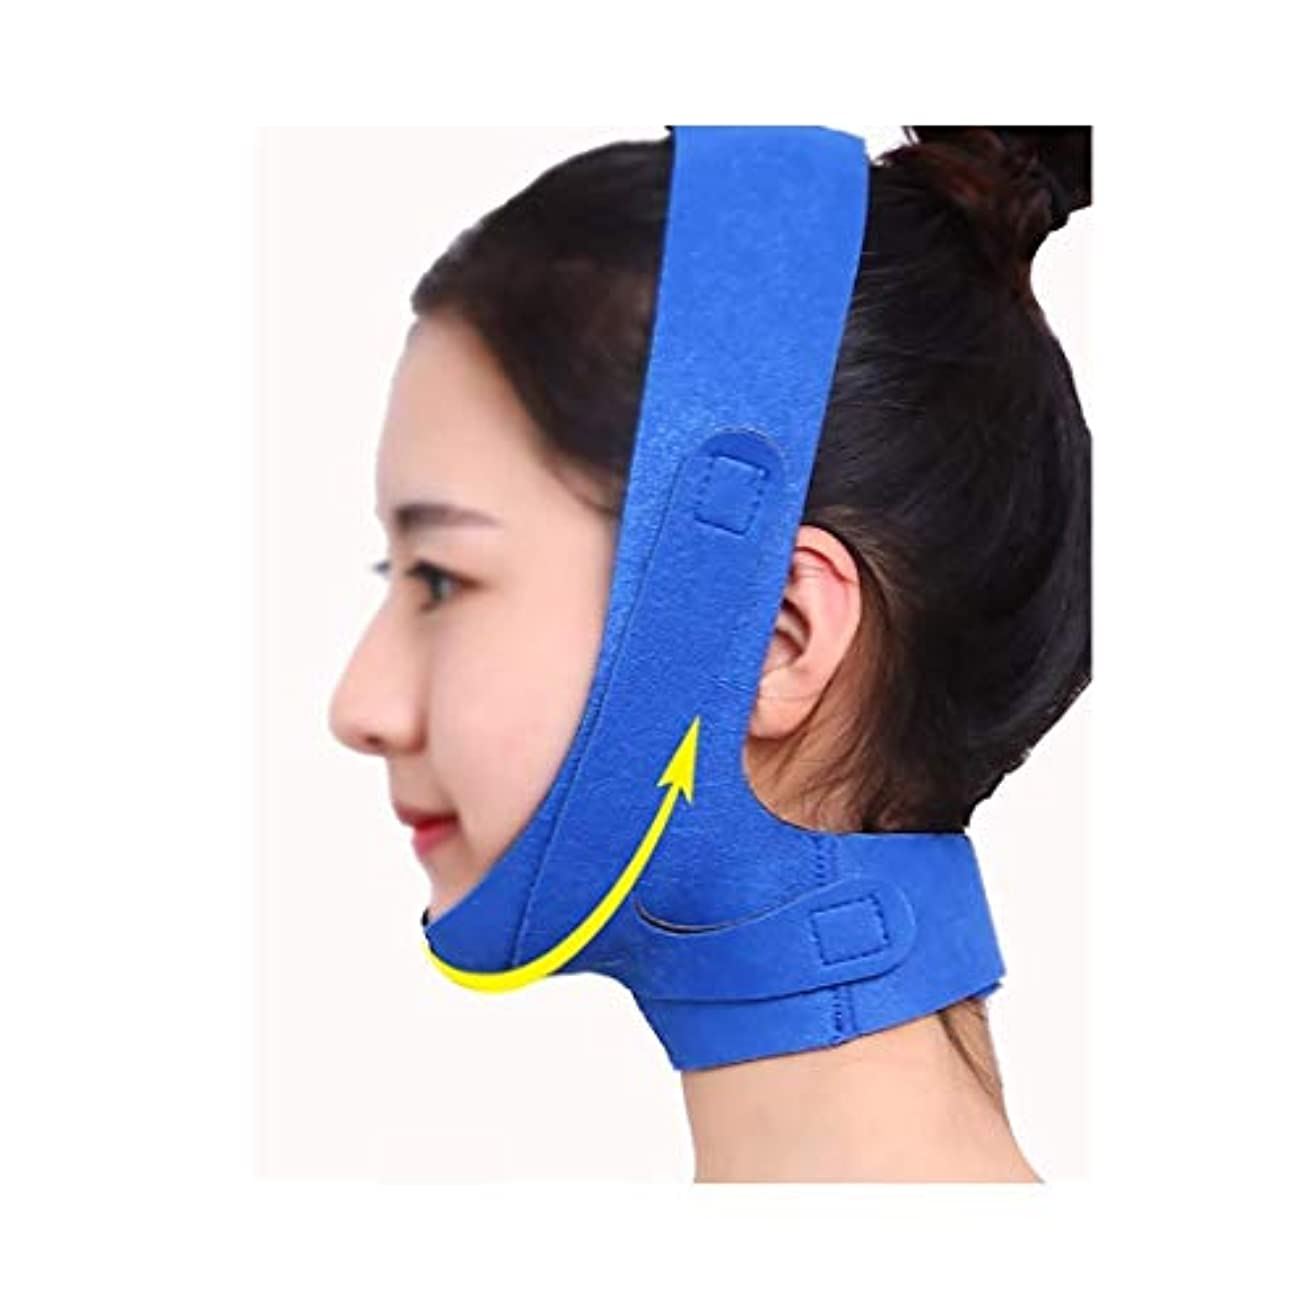 モジュール爆弾ねじれフェイスリフトマスク、チンストラップの回復の包帯の睡眠の薄い顔の包帯の薄いフェイスマスクフェイスリフトの美のマスクの包帯の青いフェイスマスクが付いている小さいVの顔を高めるフェイスリフトのアーティファクト